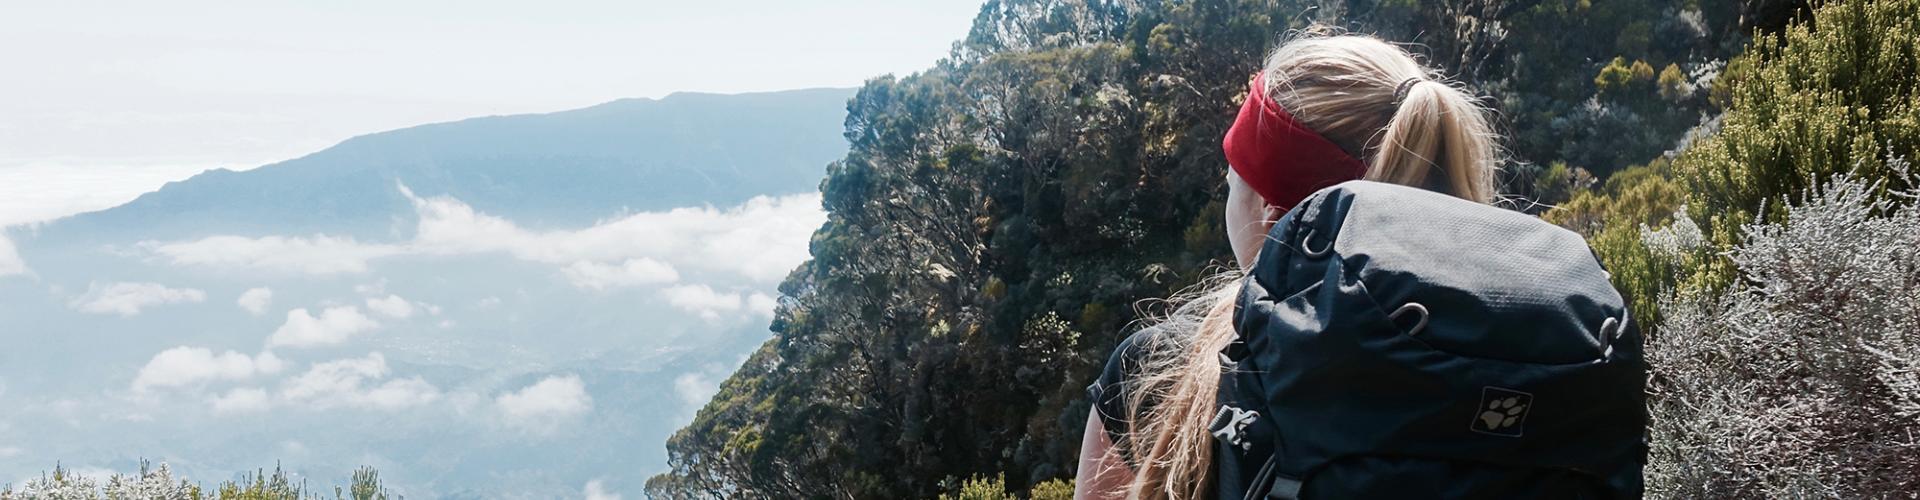 Reunion Wanderreise mit ASI Reisen